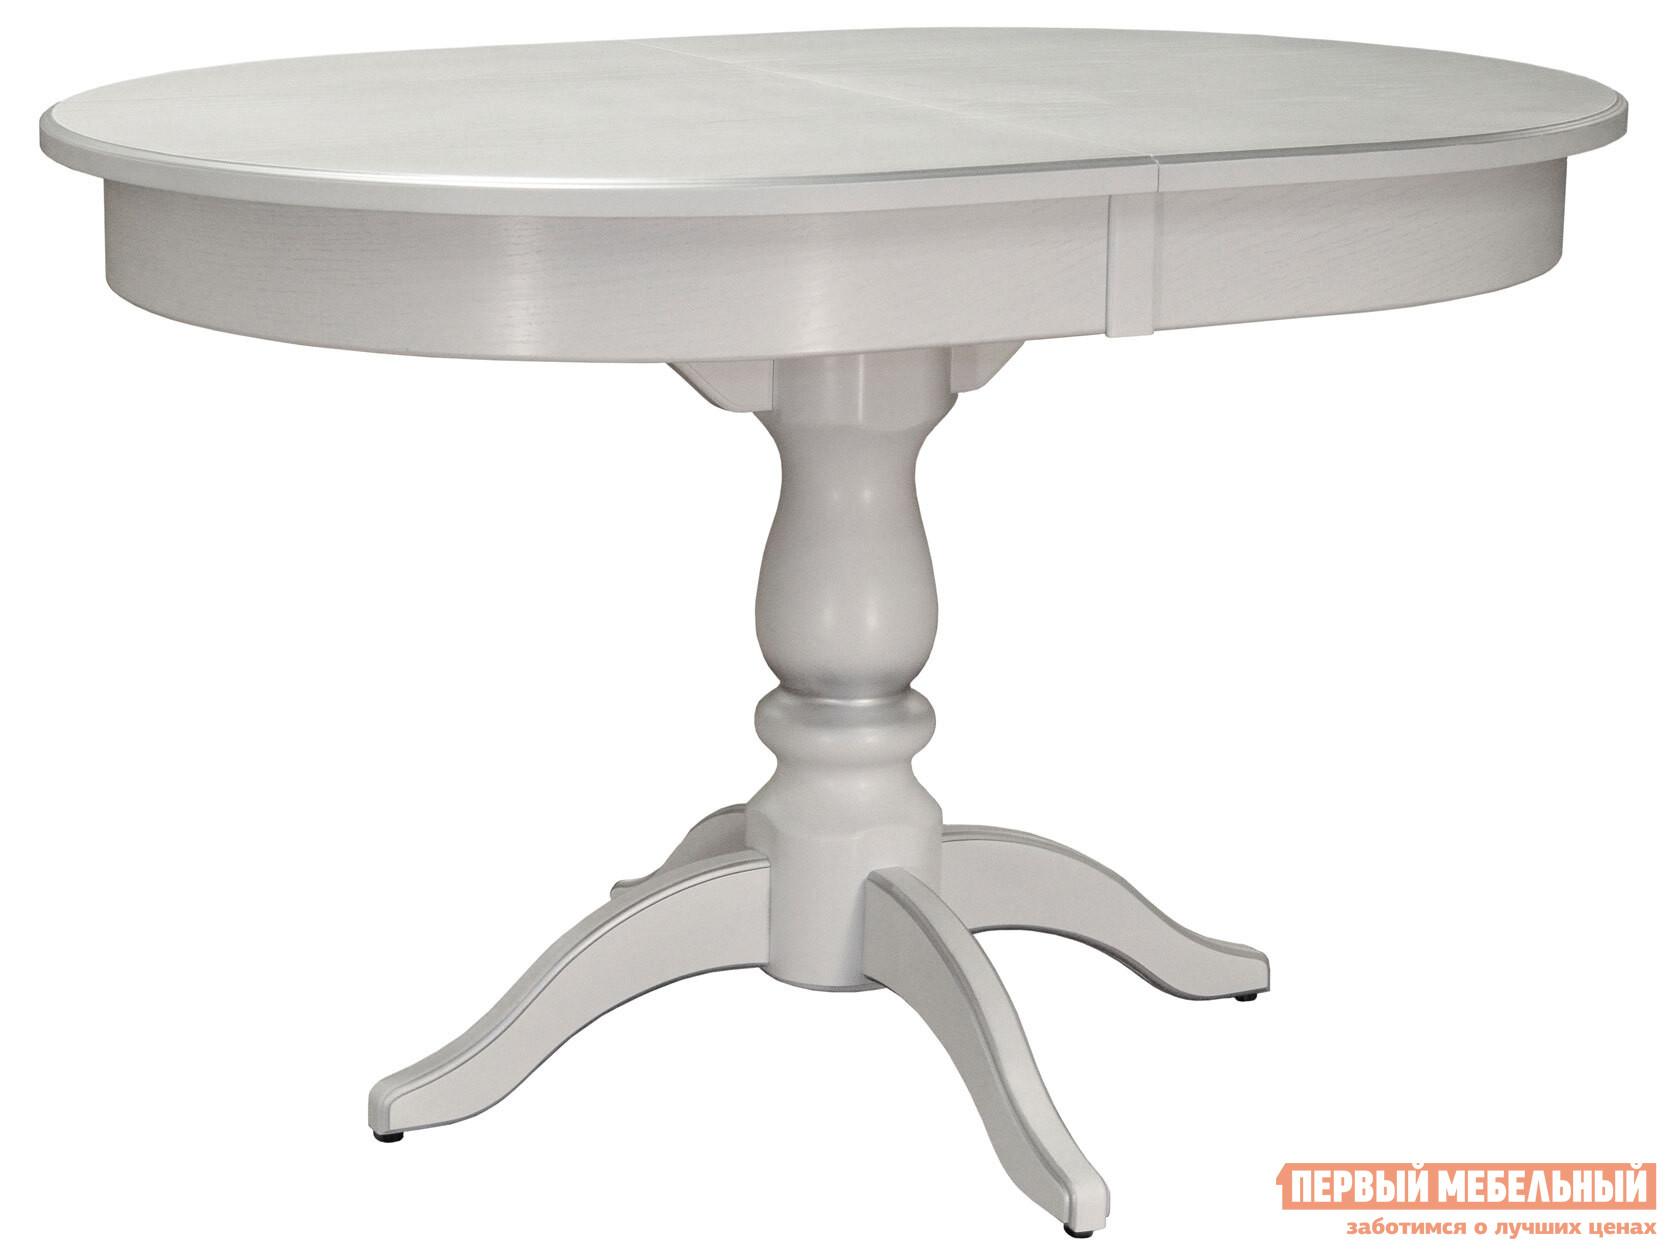 Кухонный стол  обеденный Тарун 4 120/160*84 Белый / Патина серебро Мебелик 105657